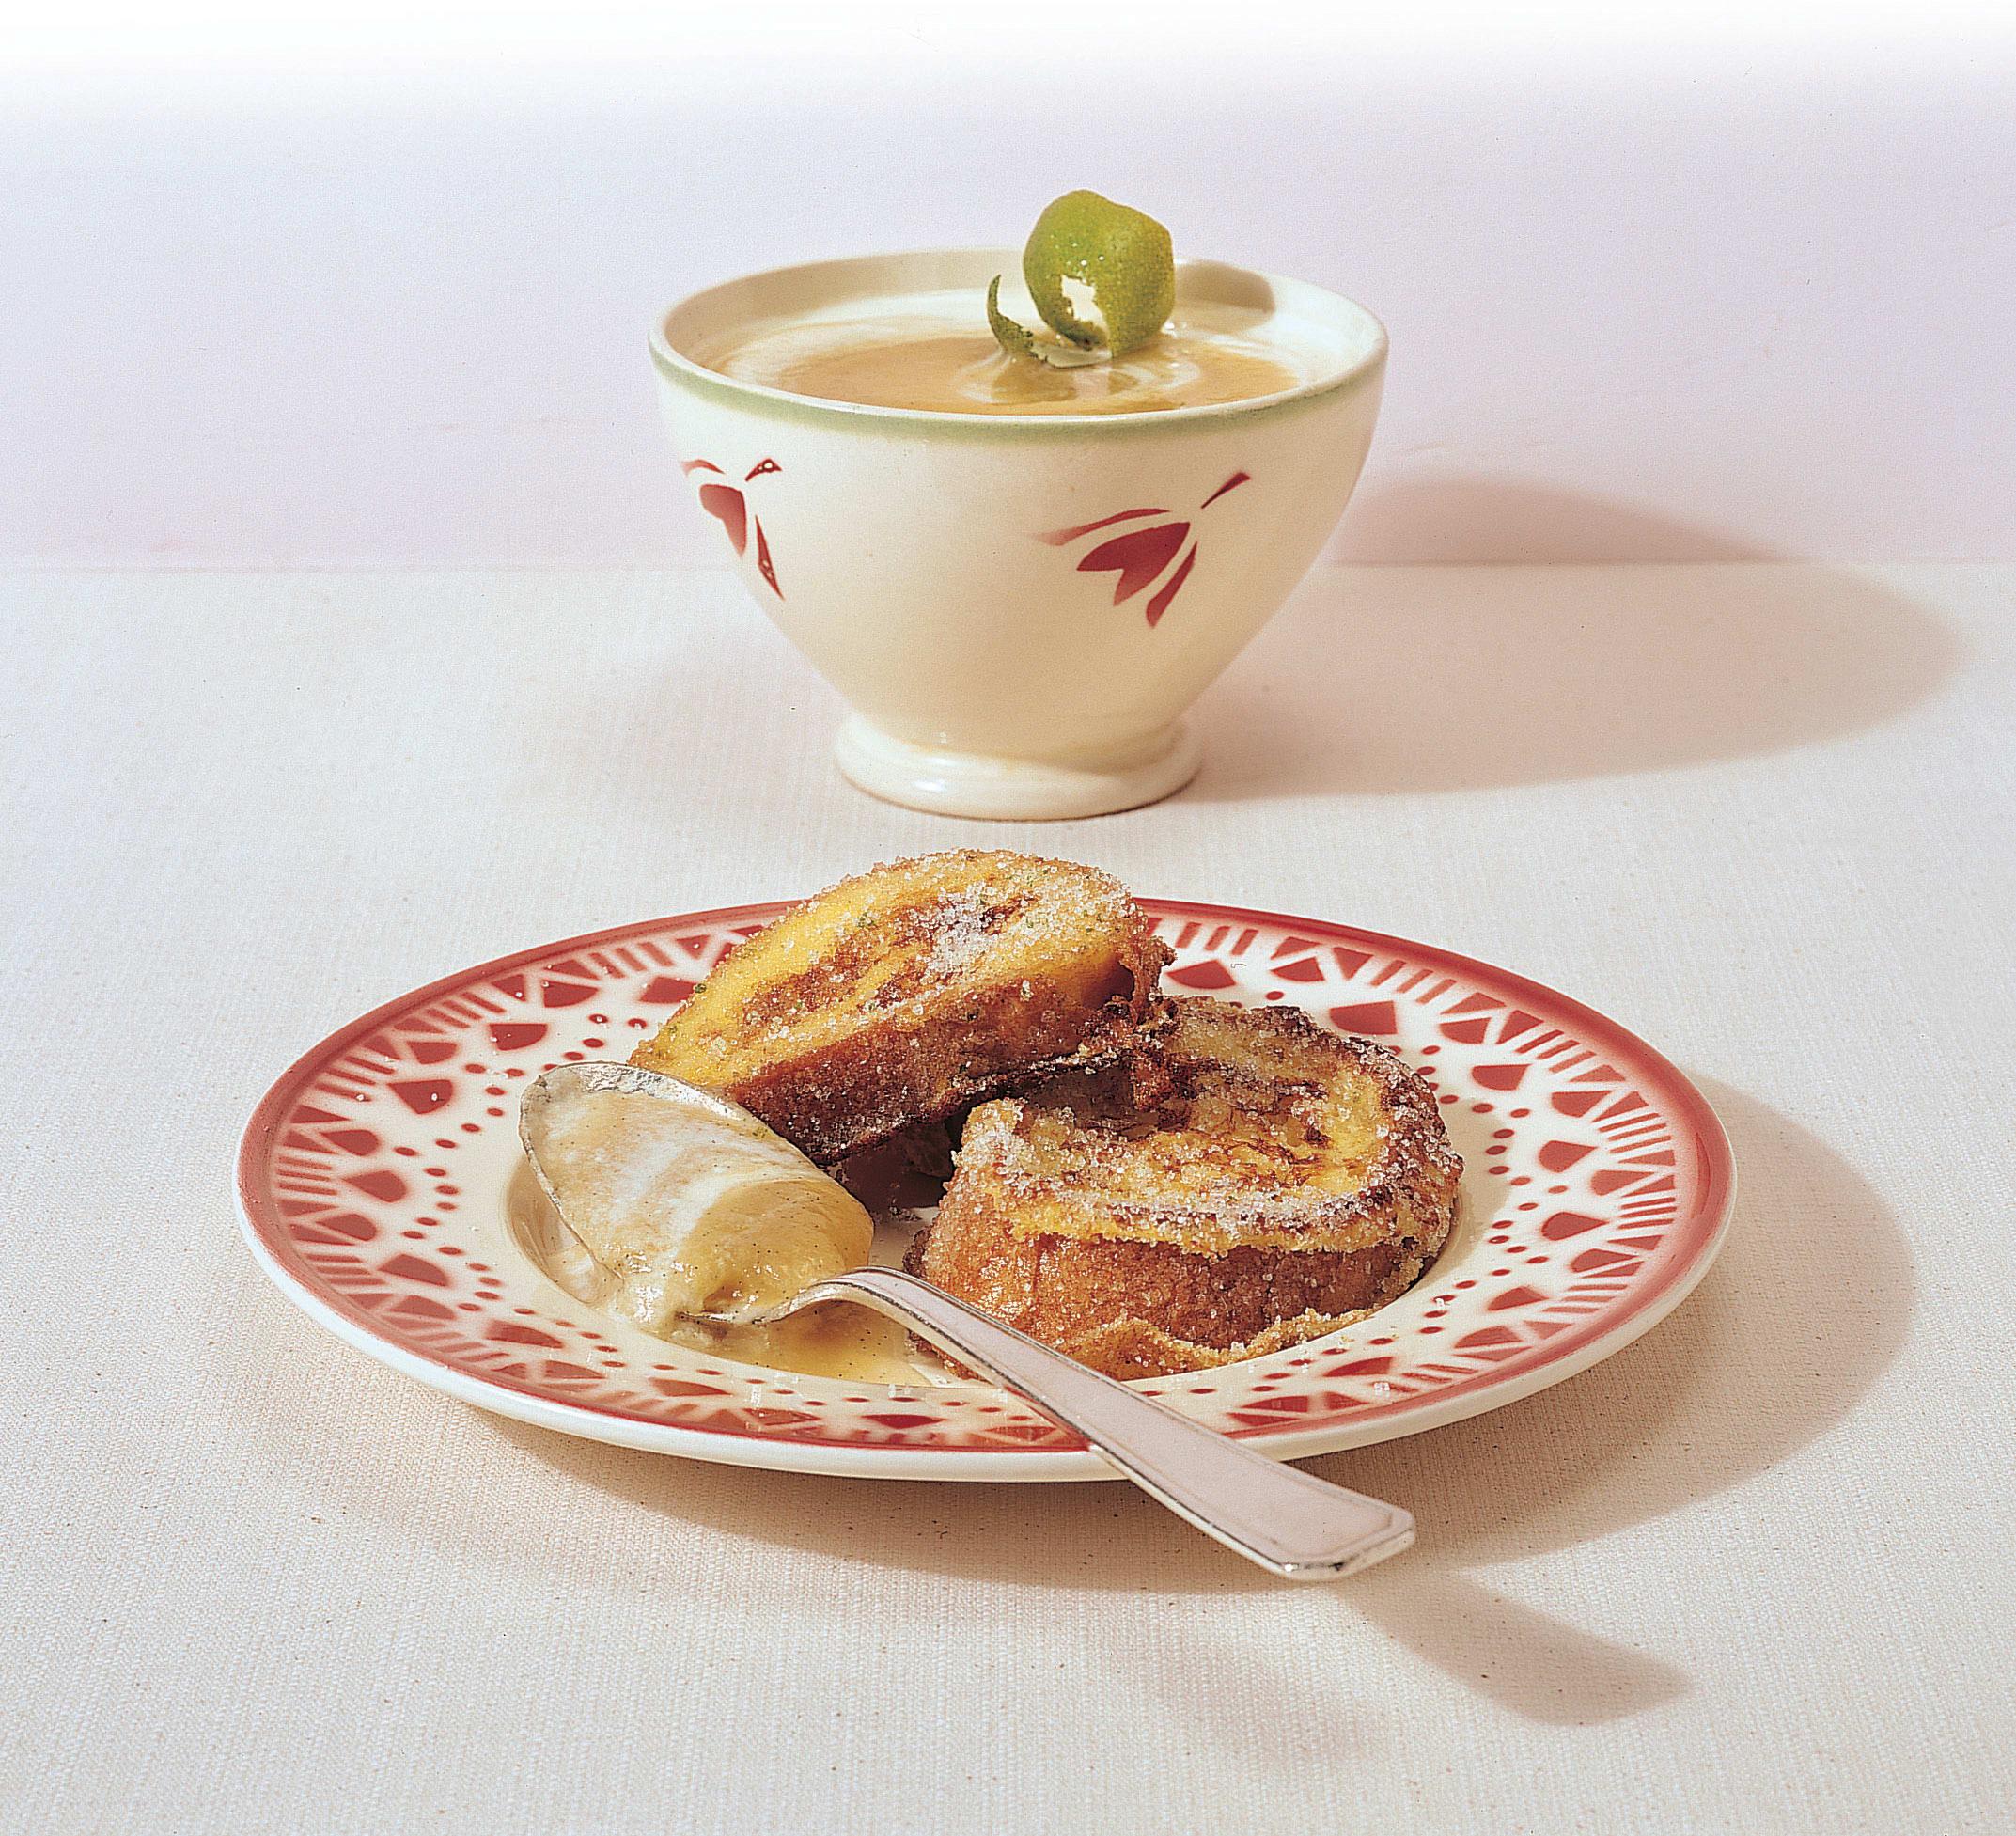 Apfel-Joghurt-Crème zu Fotzelschnitten